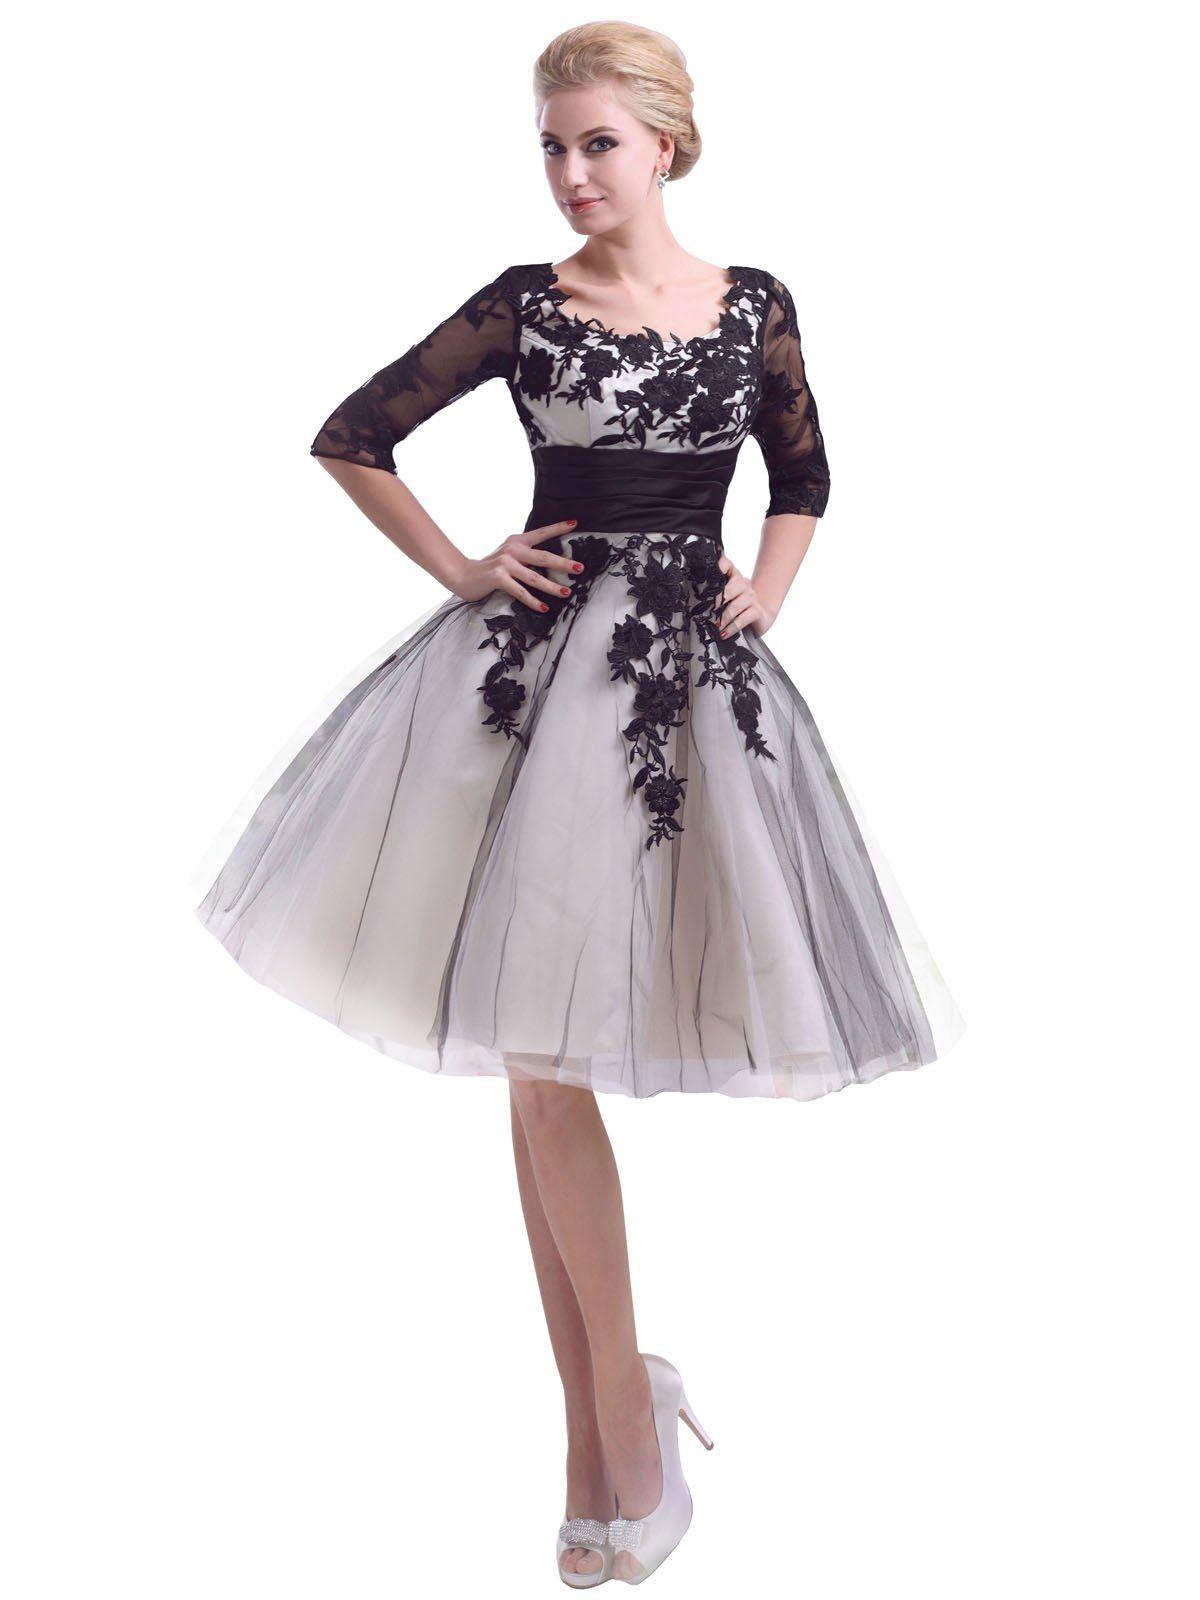 11+ Strapless wedding gown undergarments ideas in 2021